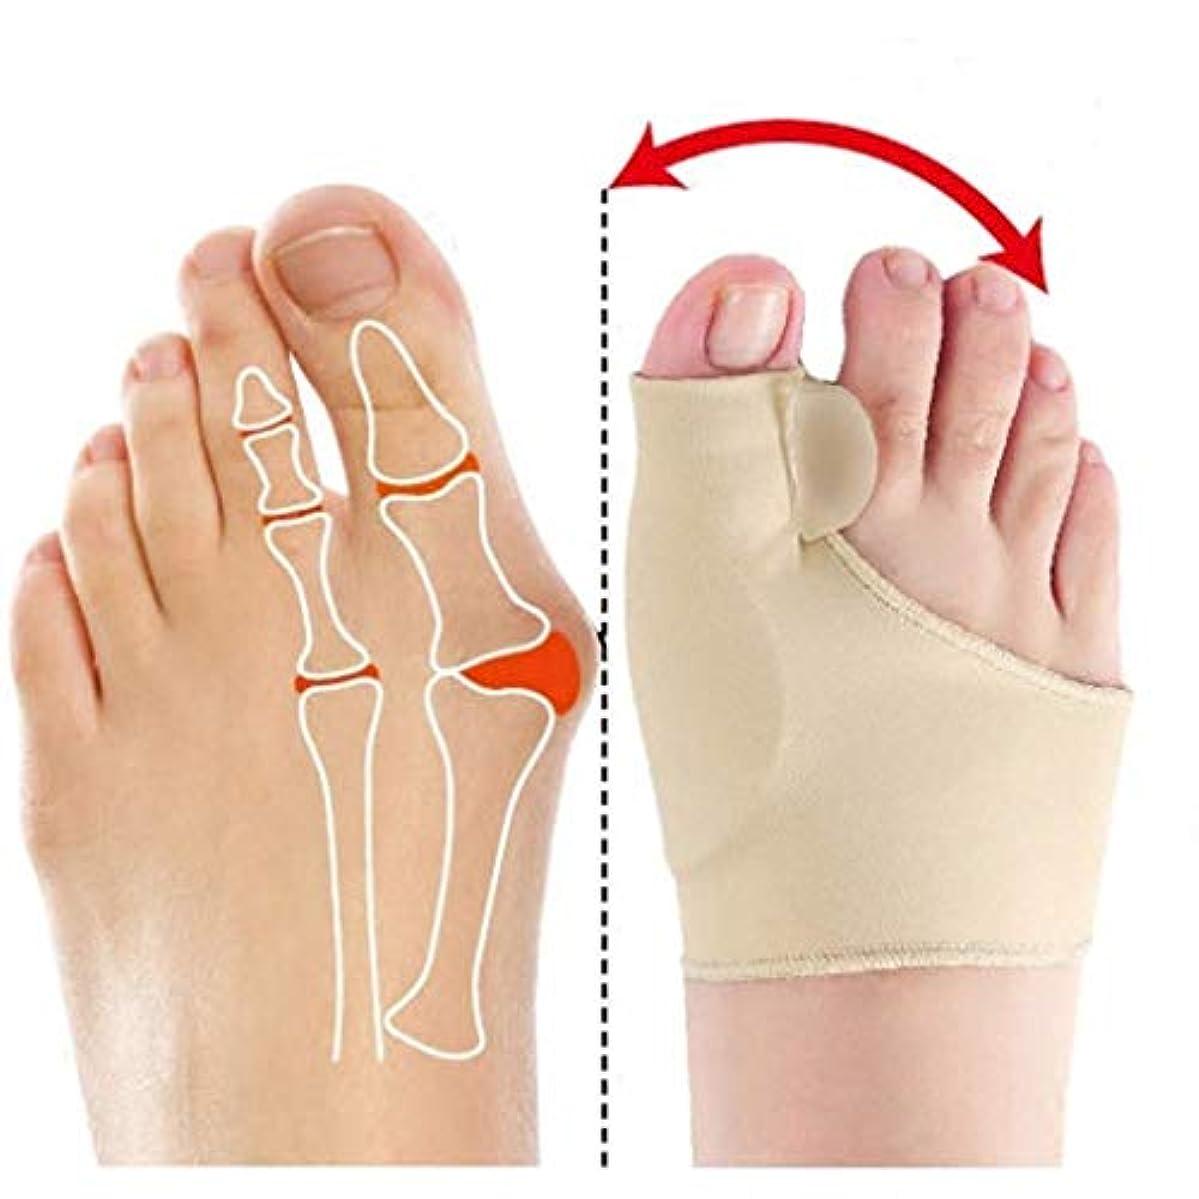 悔い改める全部一般Dyong Thumb Toe Corrector Big Toe Straightener Toe Pain Relief Sleeve、Bunion Splint Support Sleeve with Built-in...